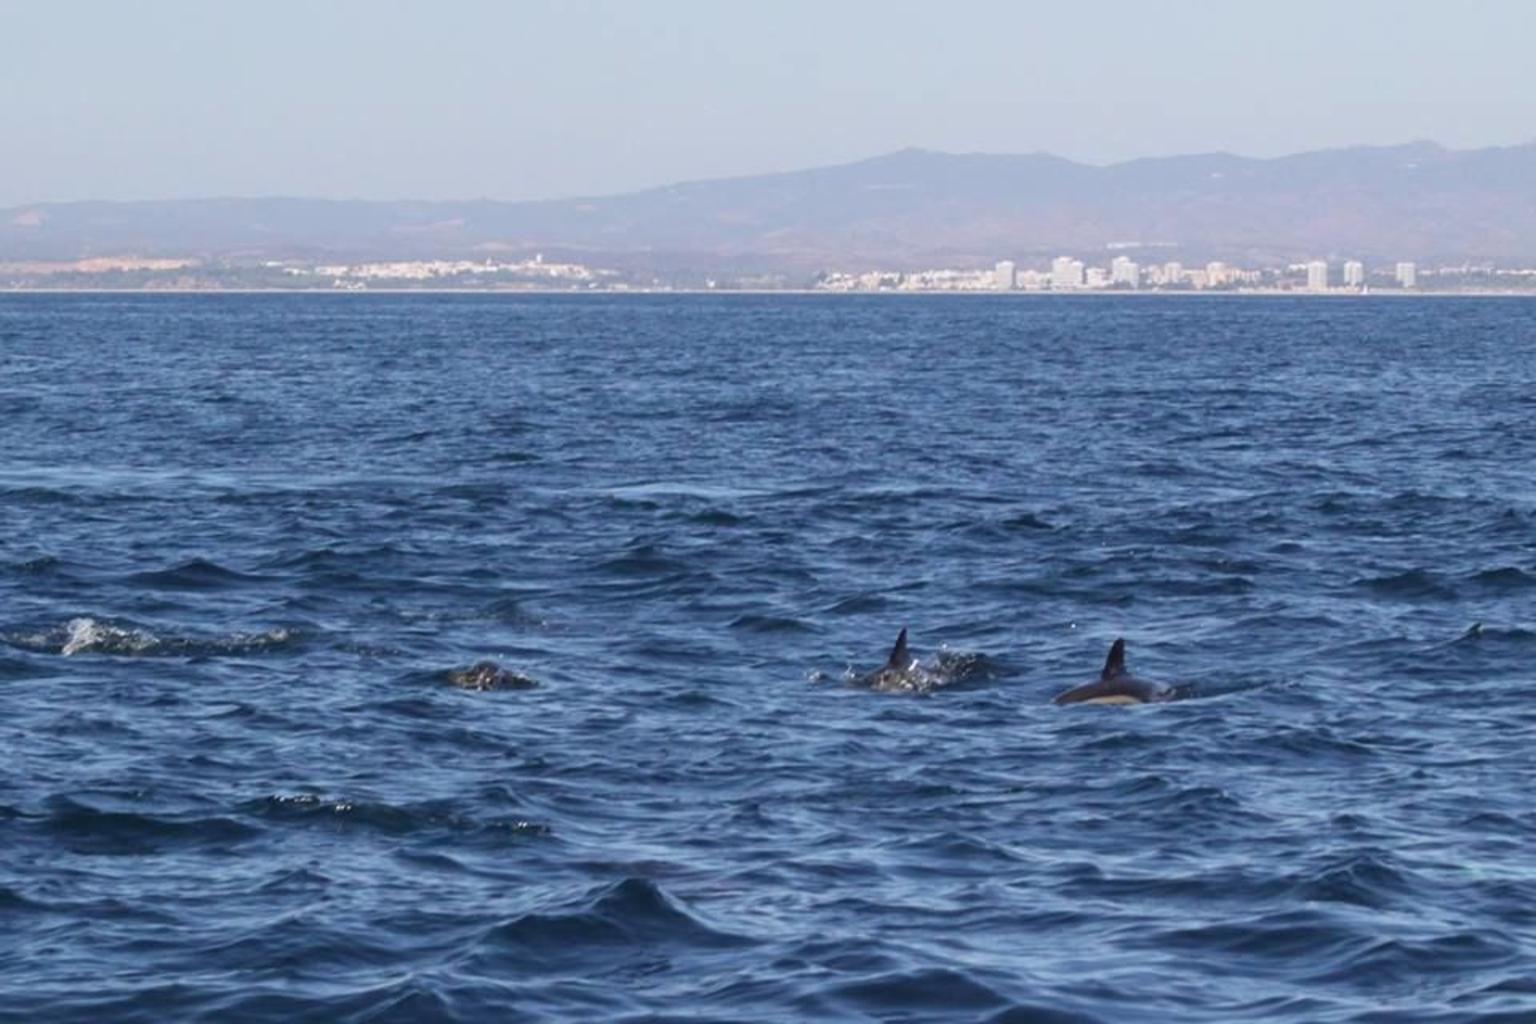 MÁS FOTOS, Crucero de avistamiento de delfines de medio día por el Algarve desde Albufeira con almuerzo barbacoa en la playa